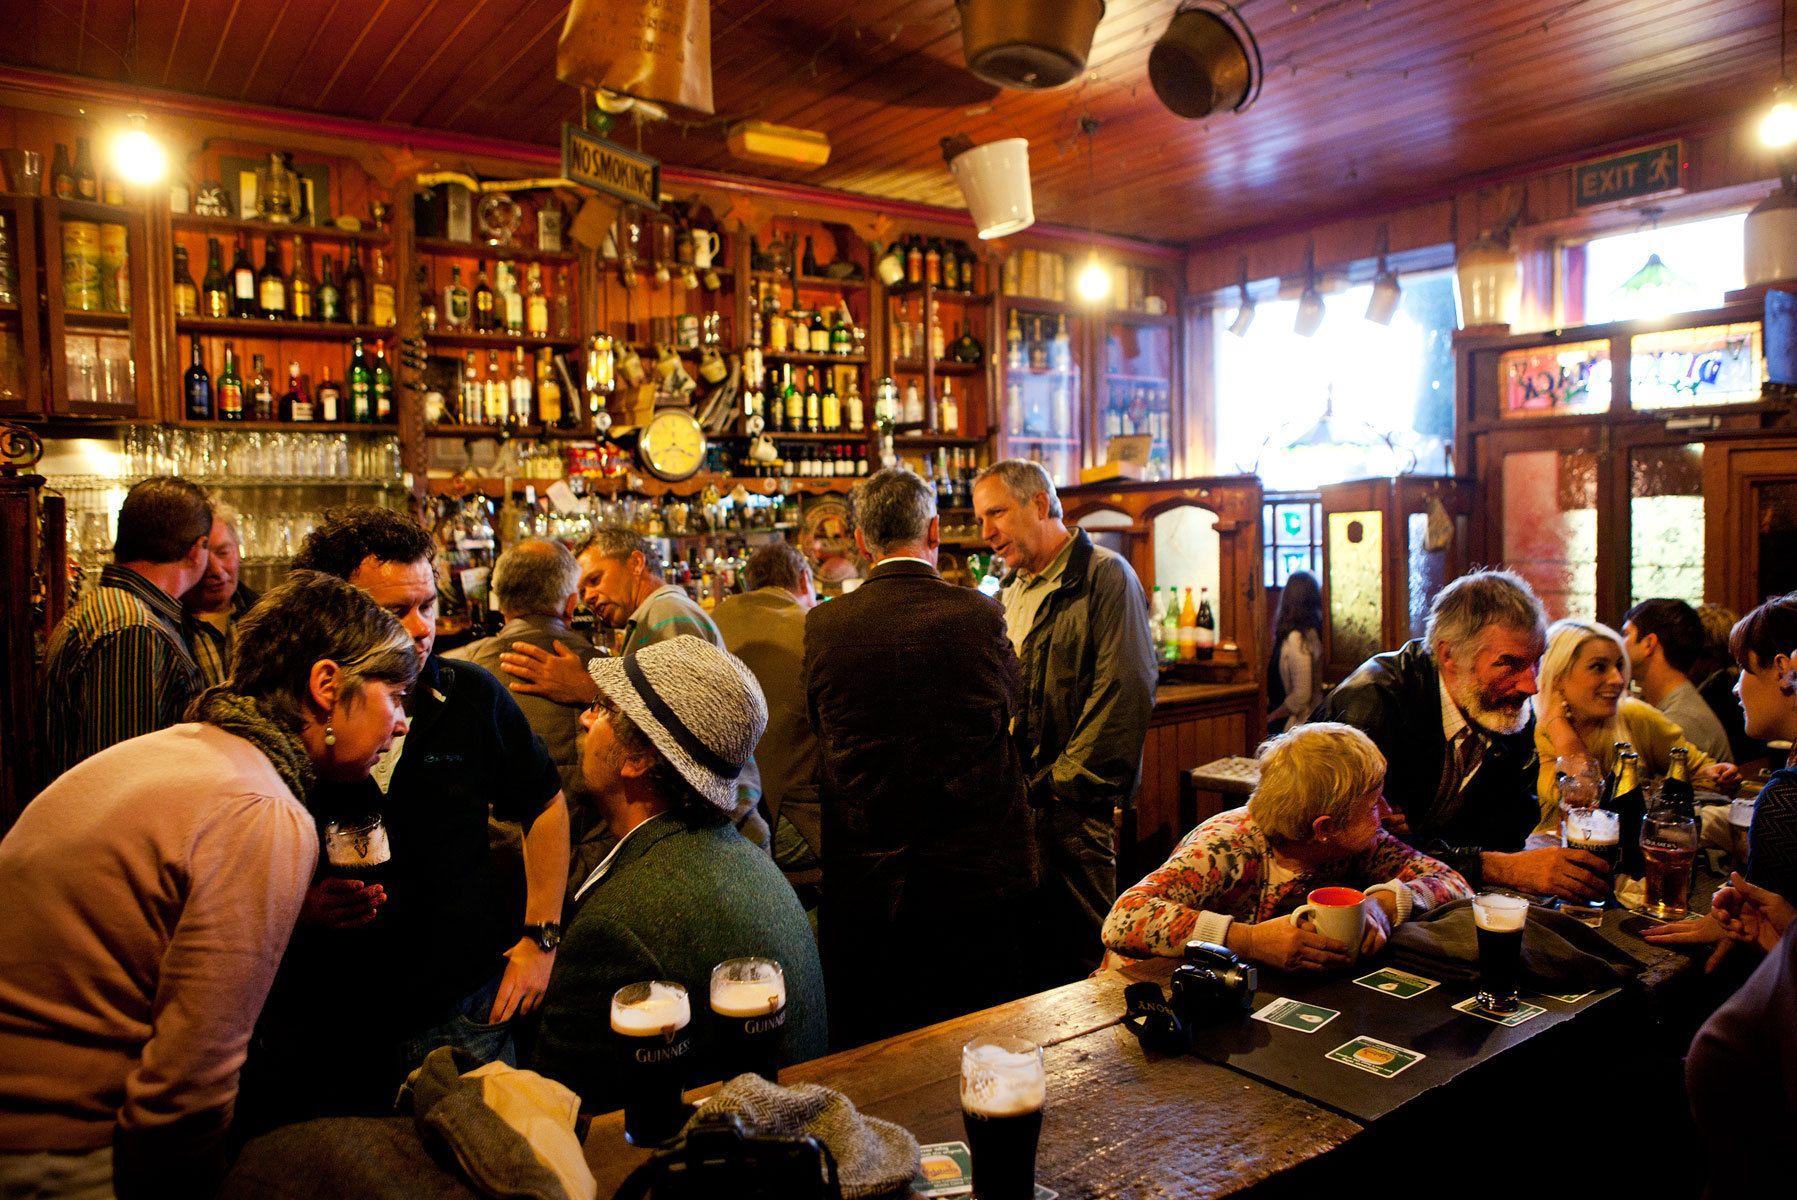 A Sunday at Dick Macks Pub - Dingle Ireland